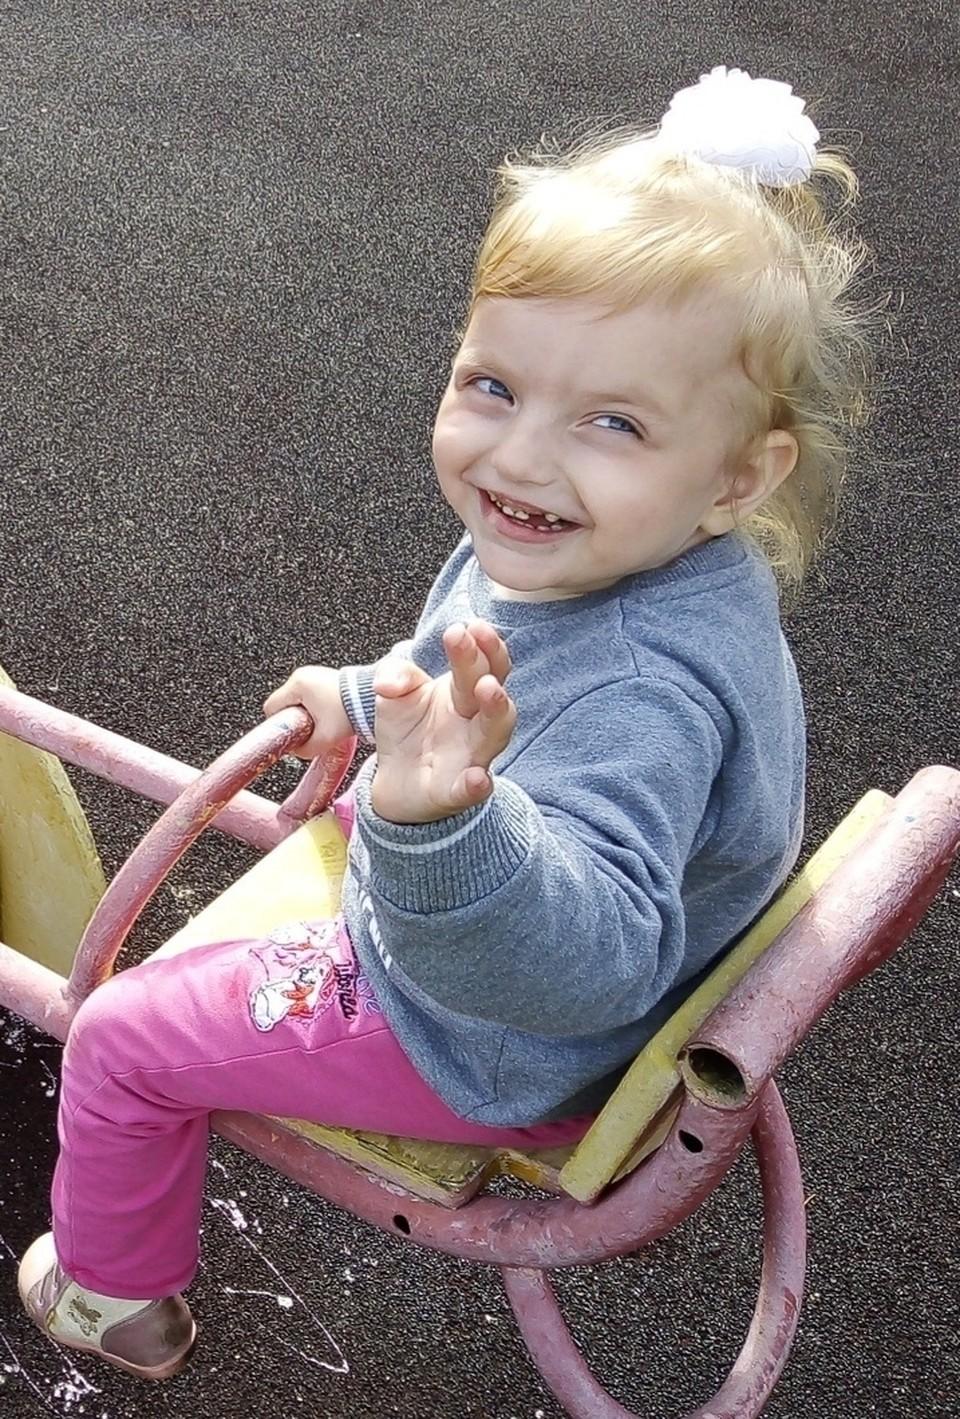 Фото: informpskov.ru Поможем трехлетней Кирочке вместе!